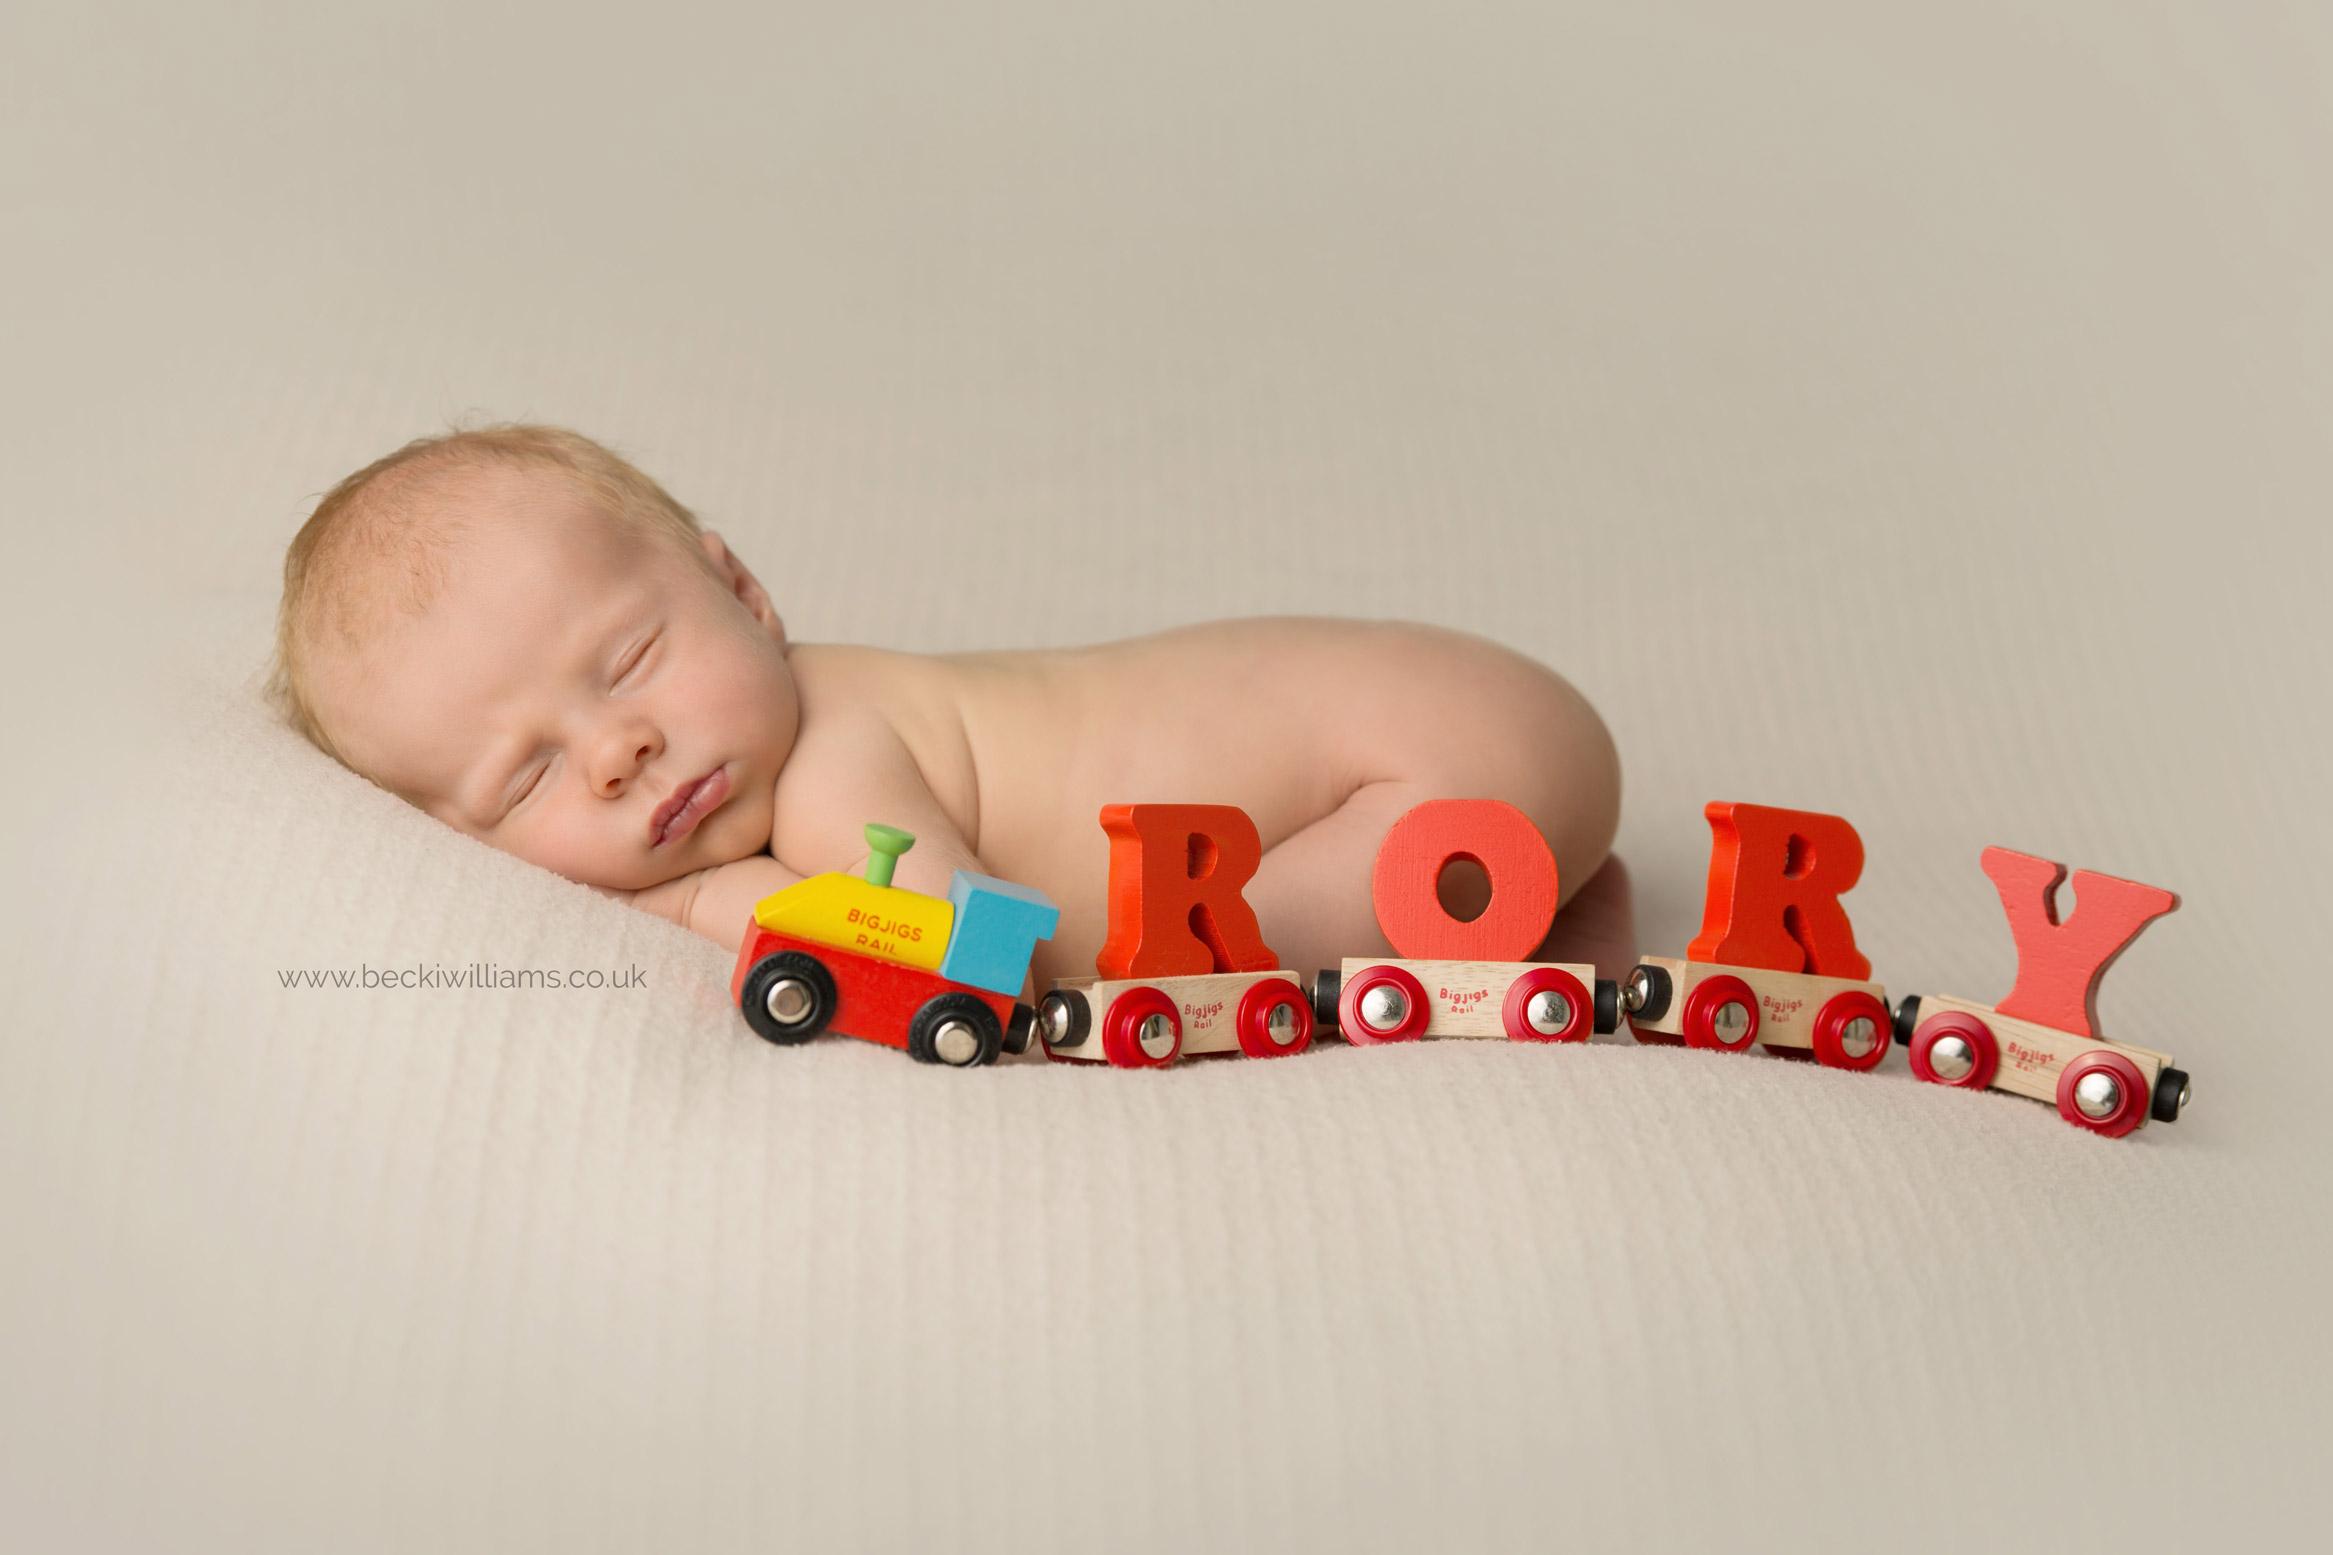 newborn baby rory with his toy train at his newborn photo shoot in hemel hempstead